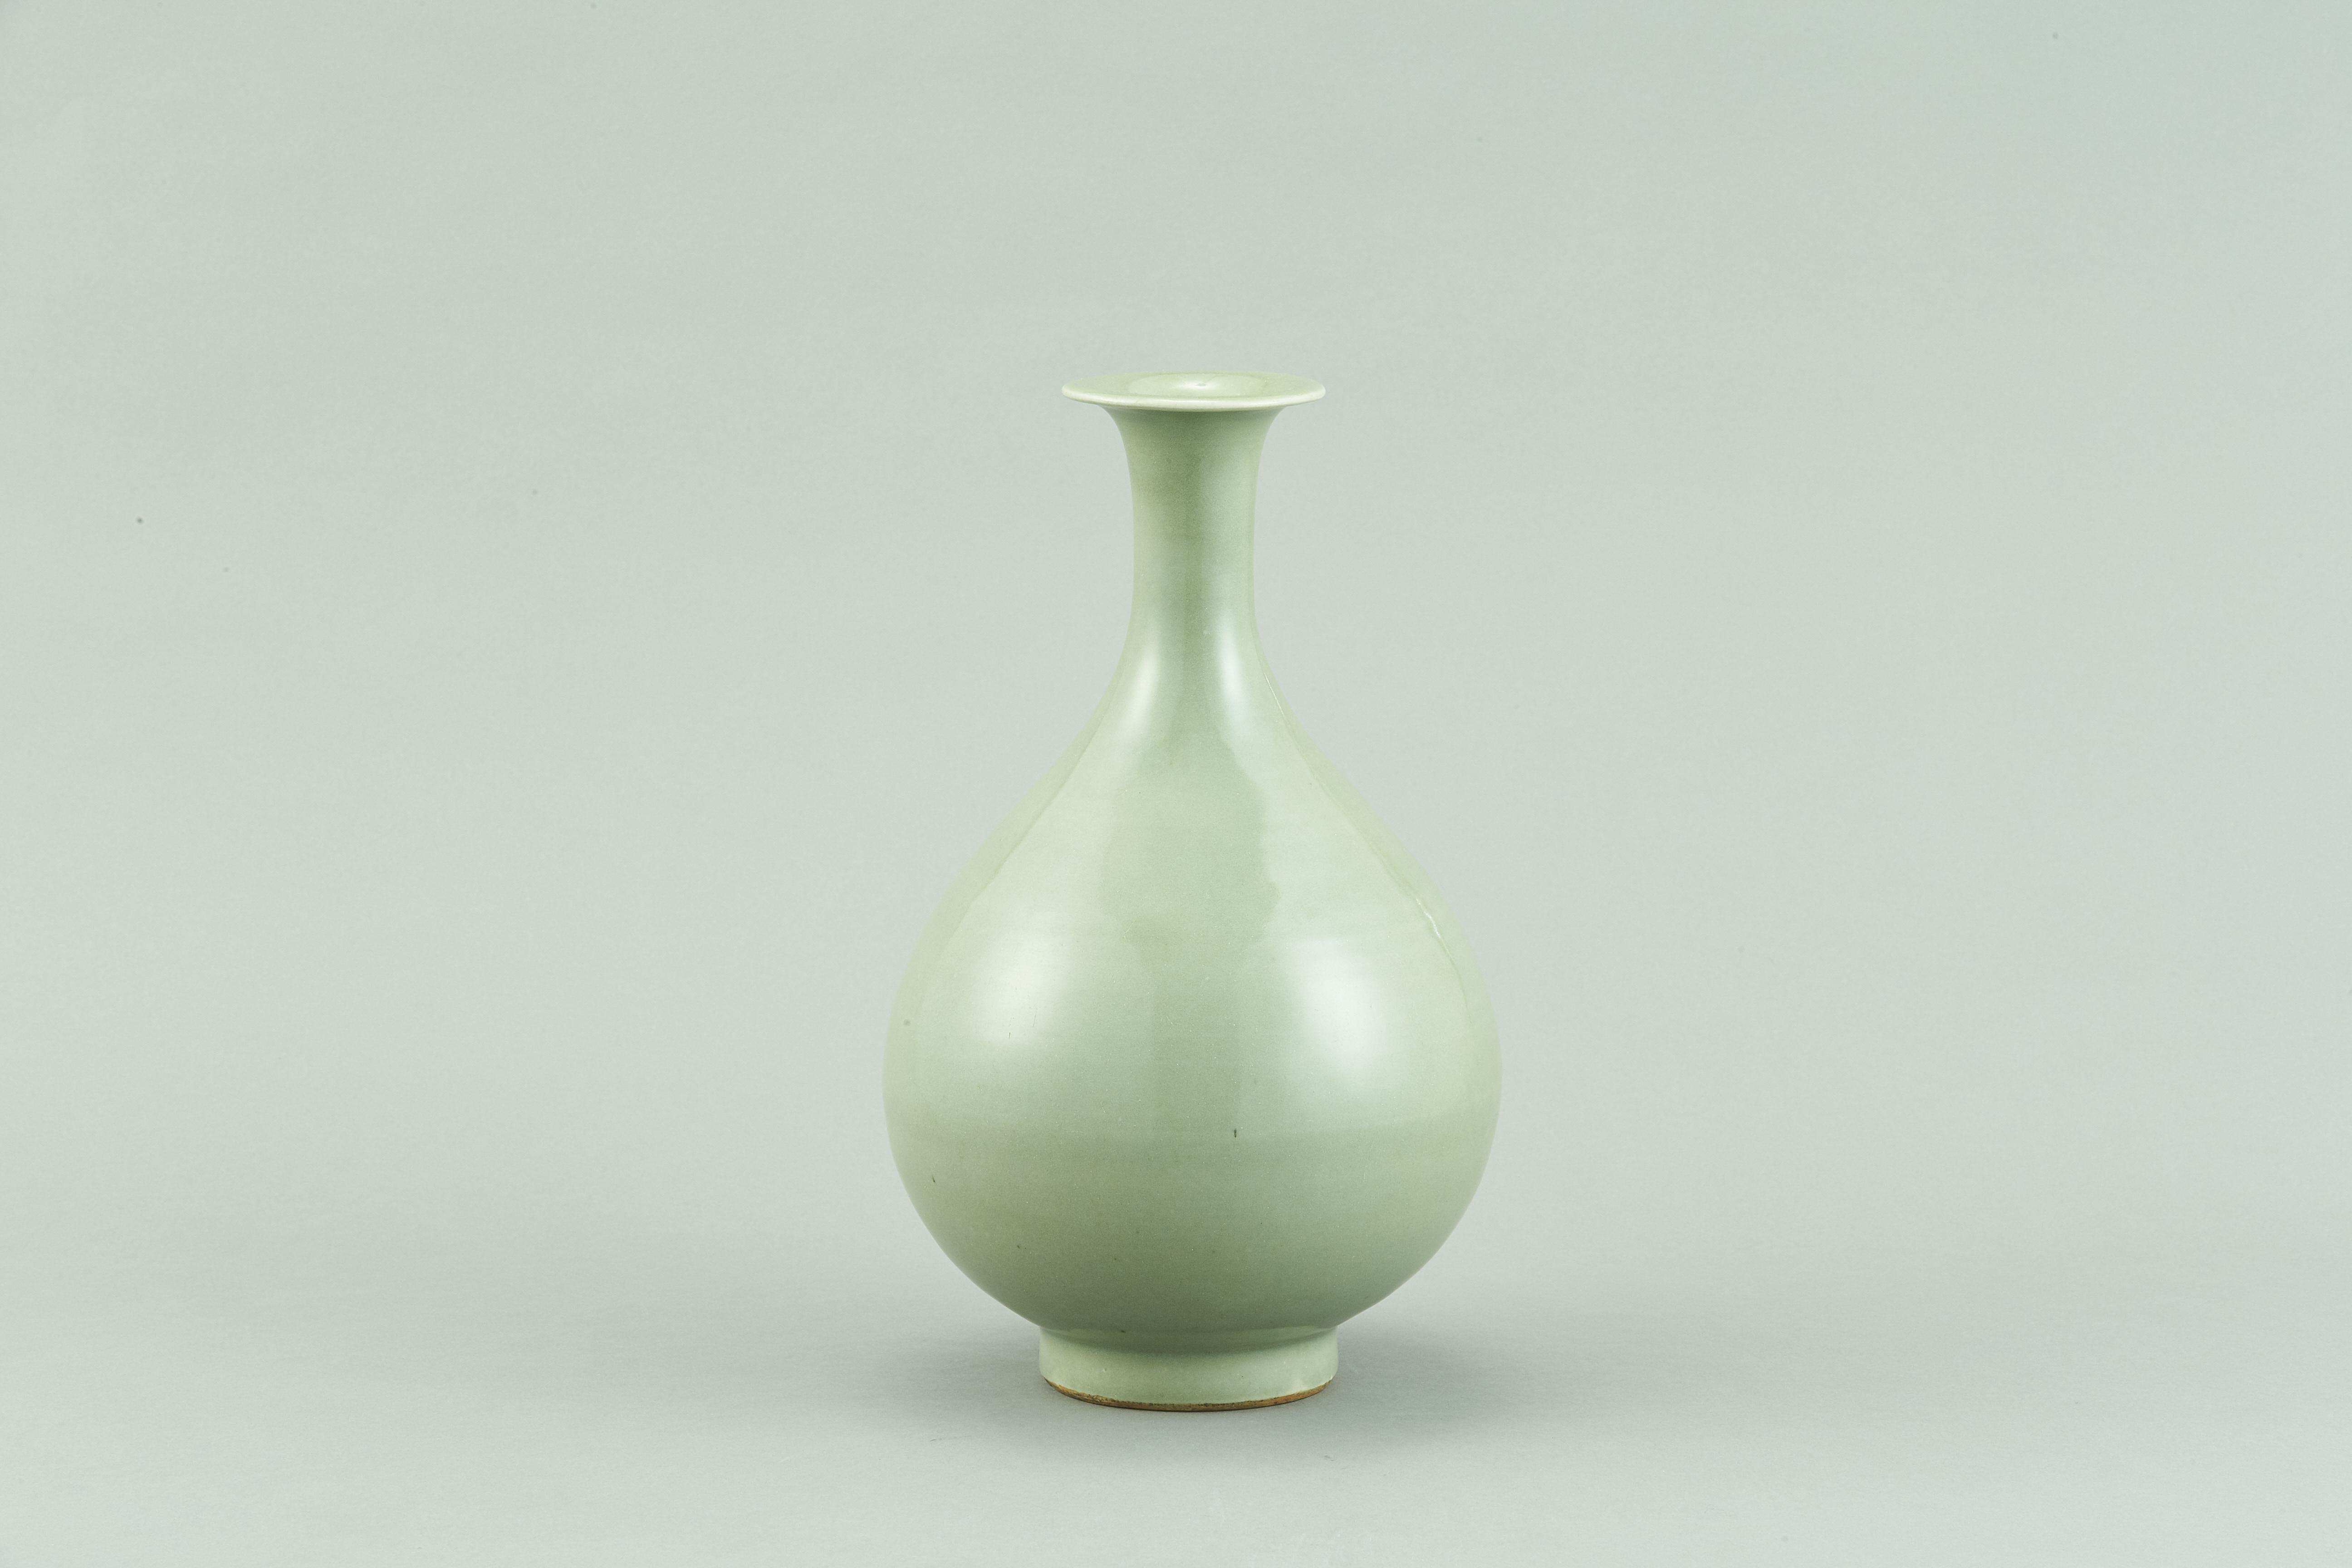 171323明初 龍泉窯 玉壺春瓶